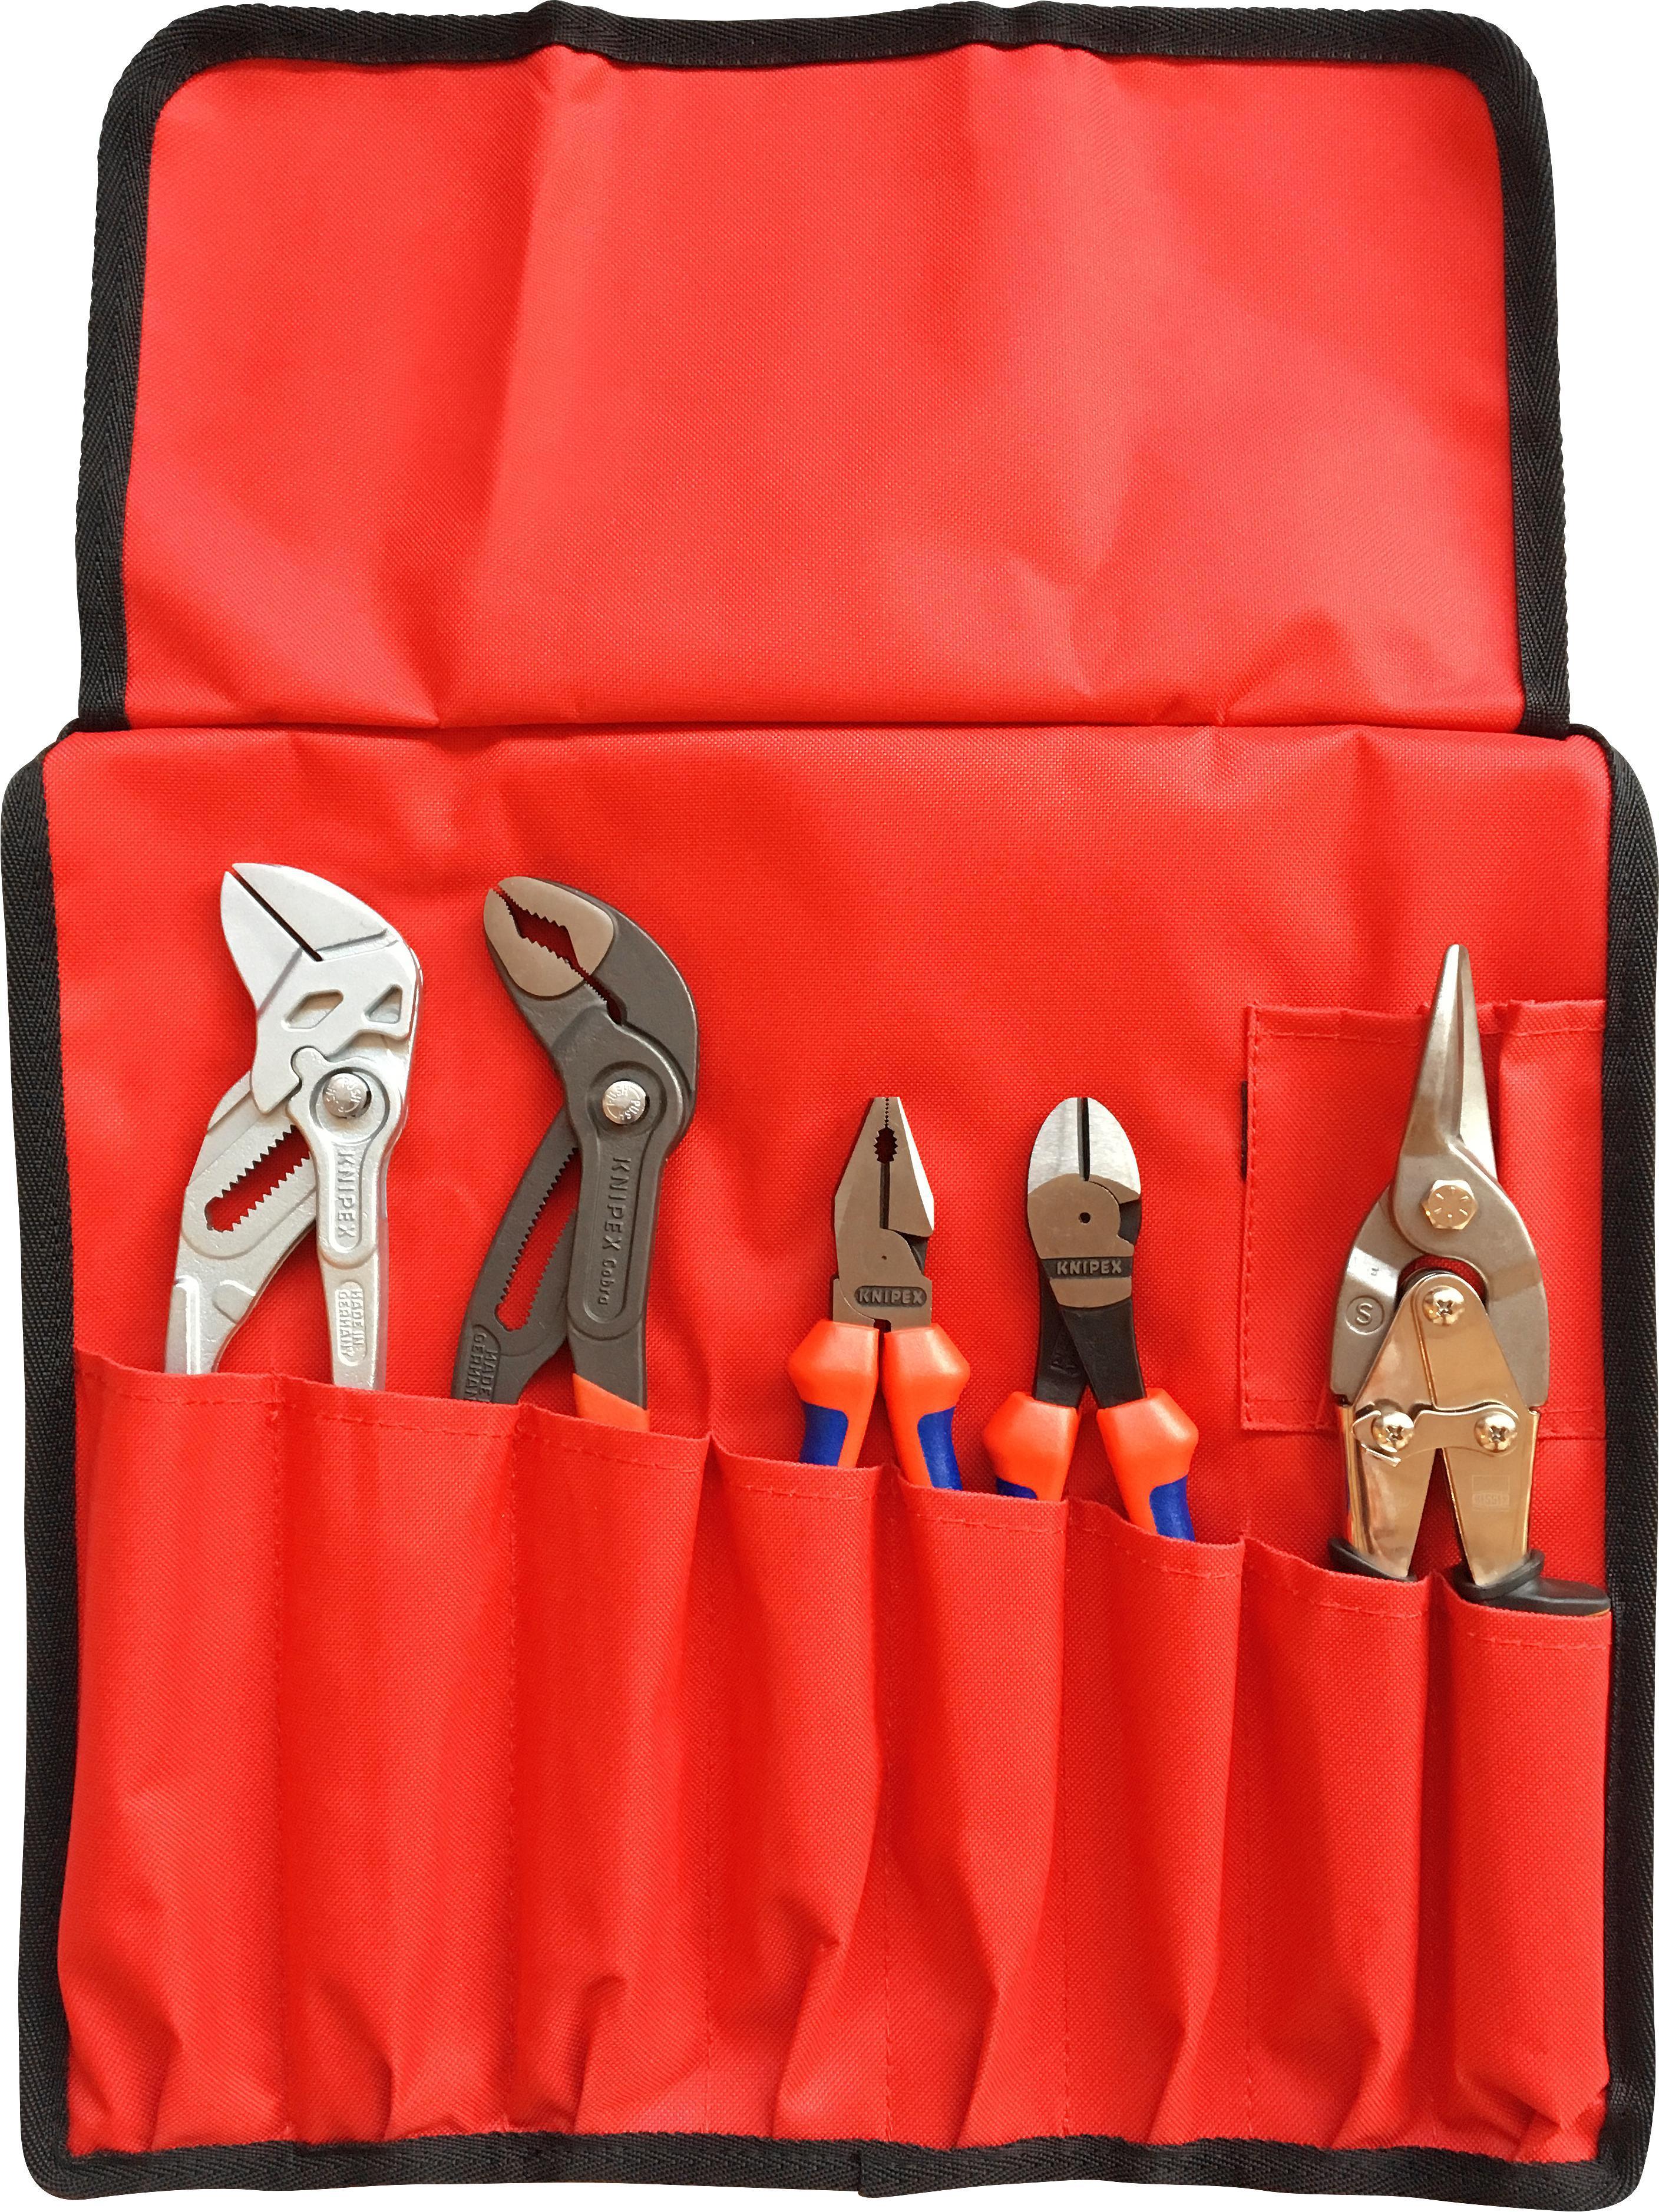 Набор инструментов Knipex УНИВЕРСАЛЬНЫЙ набор инструментов knipex универсальный 6 предметов